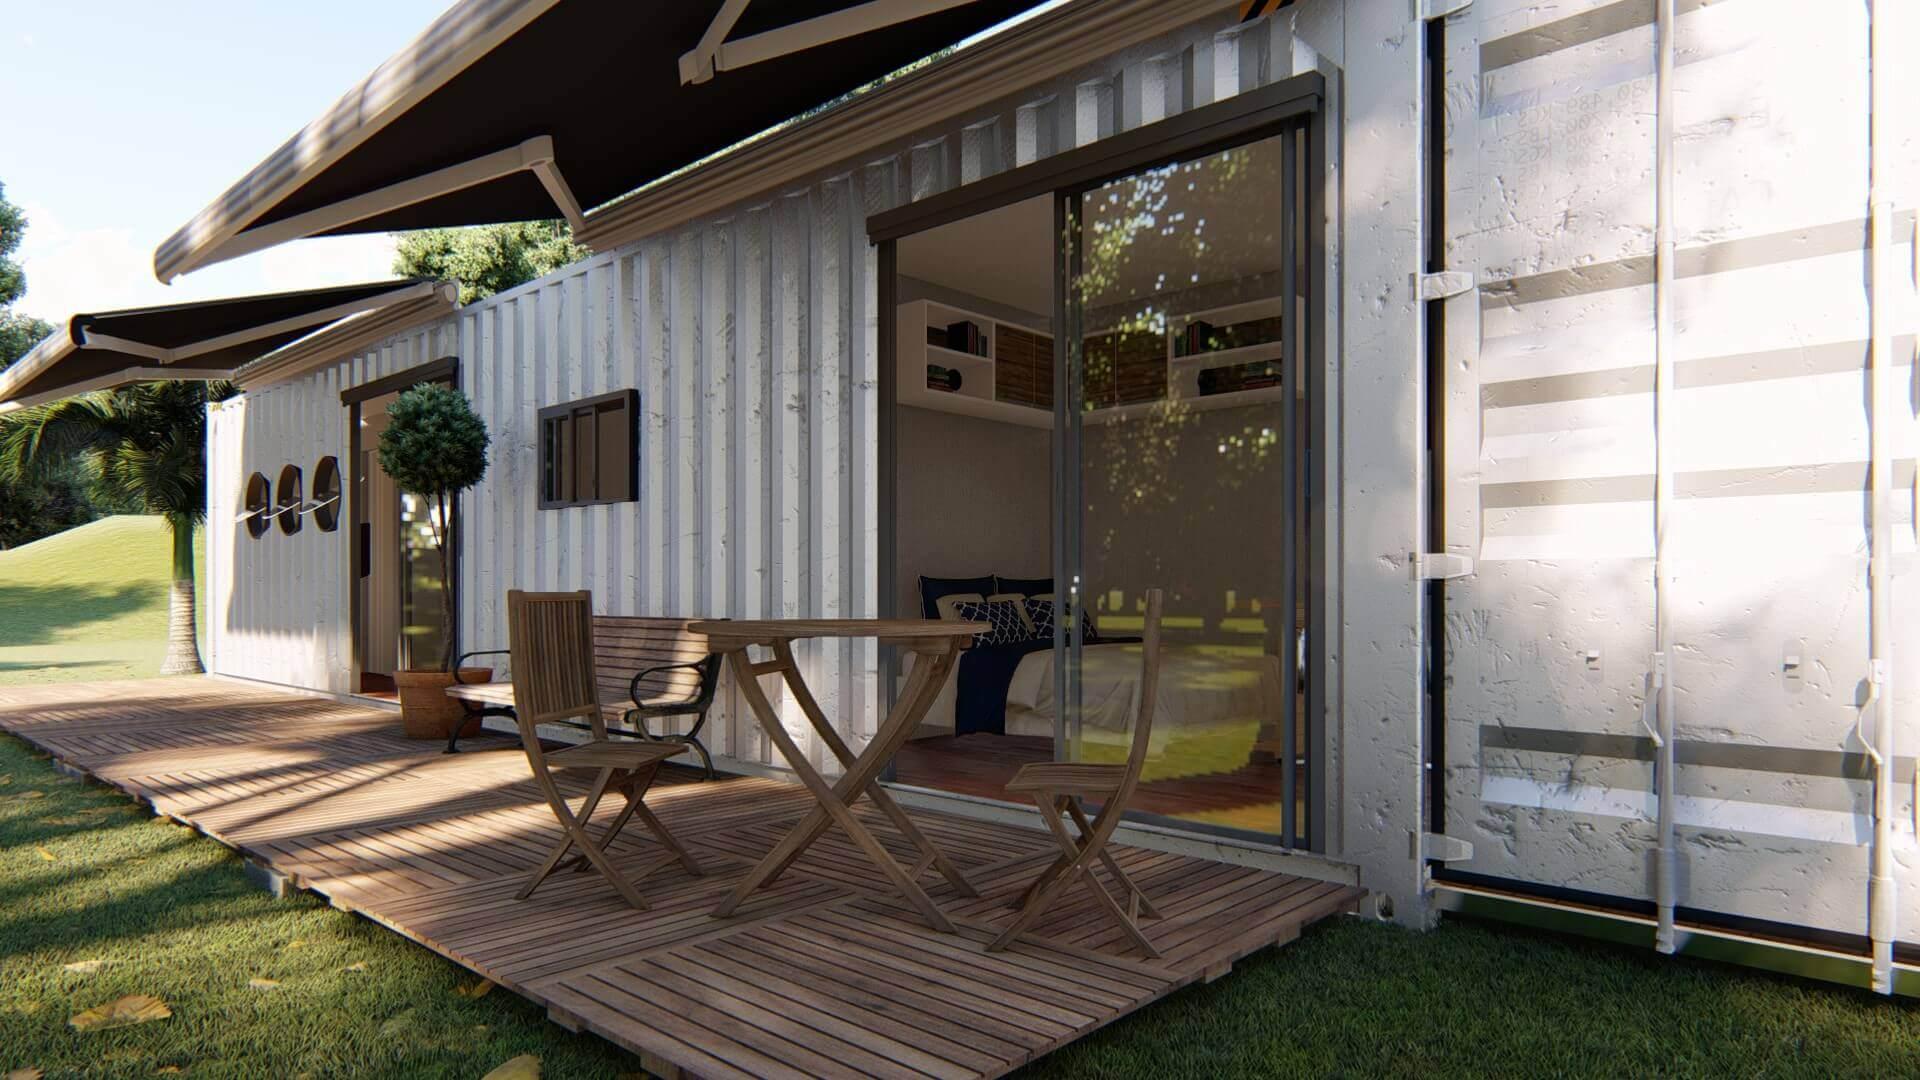 Venda de Casa Container 12 metros - Venda de Casa Container 40 PÉS